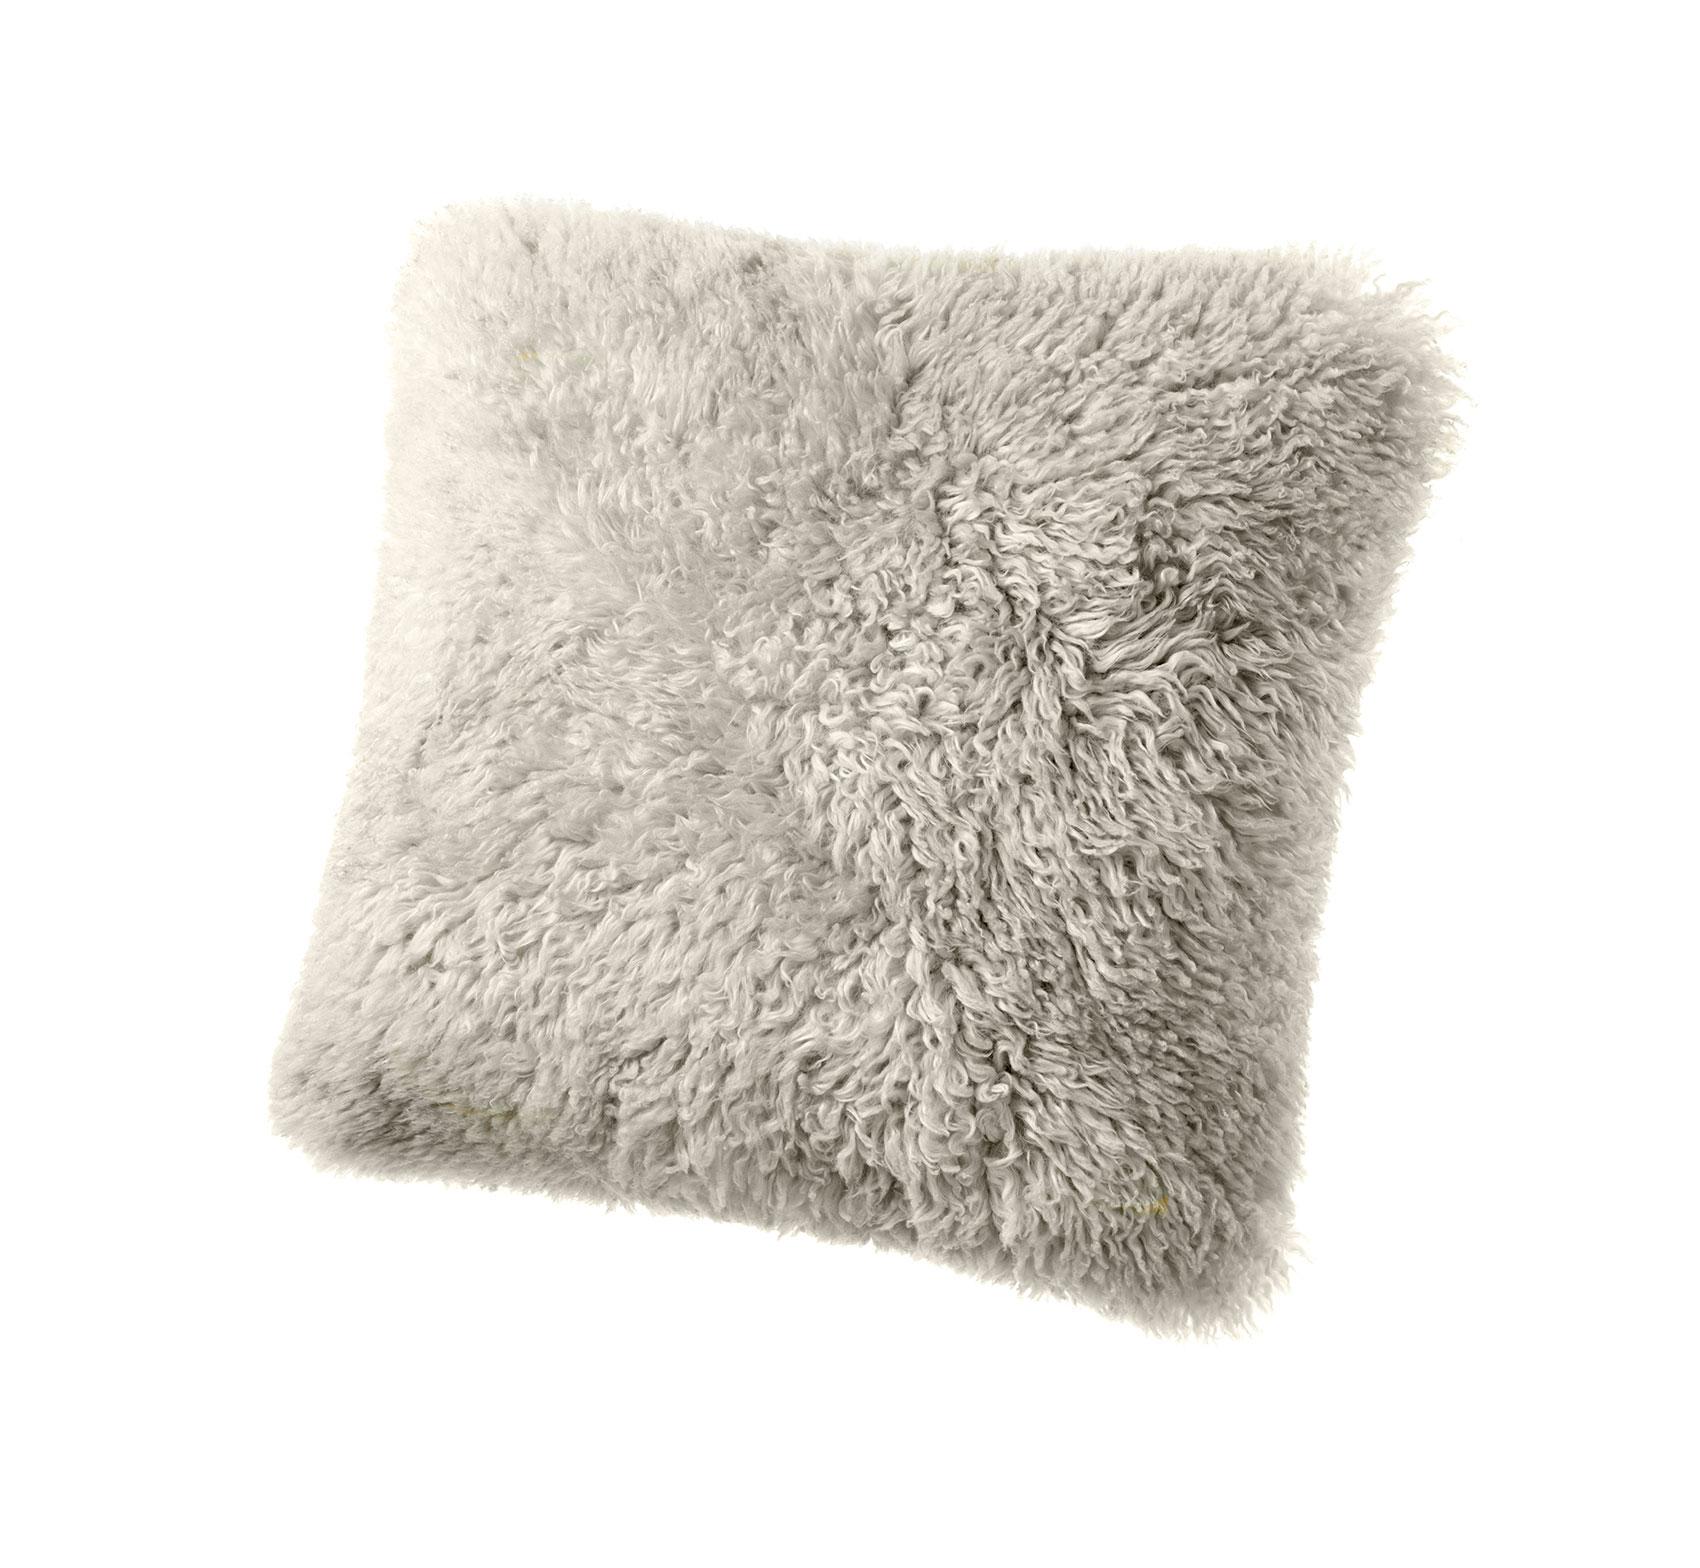 Sheepskin Pillow Beige